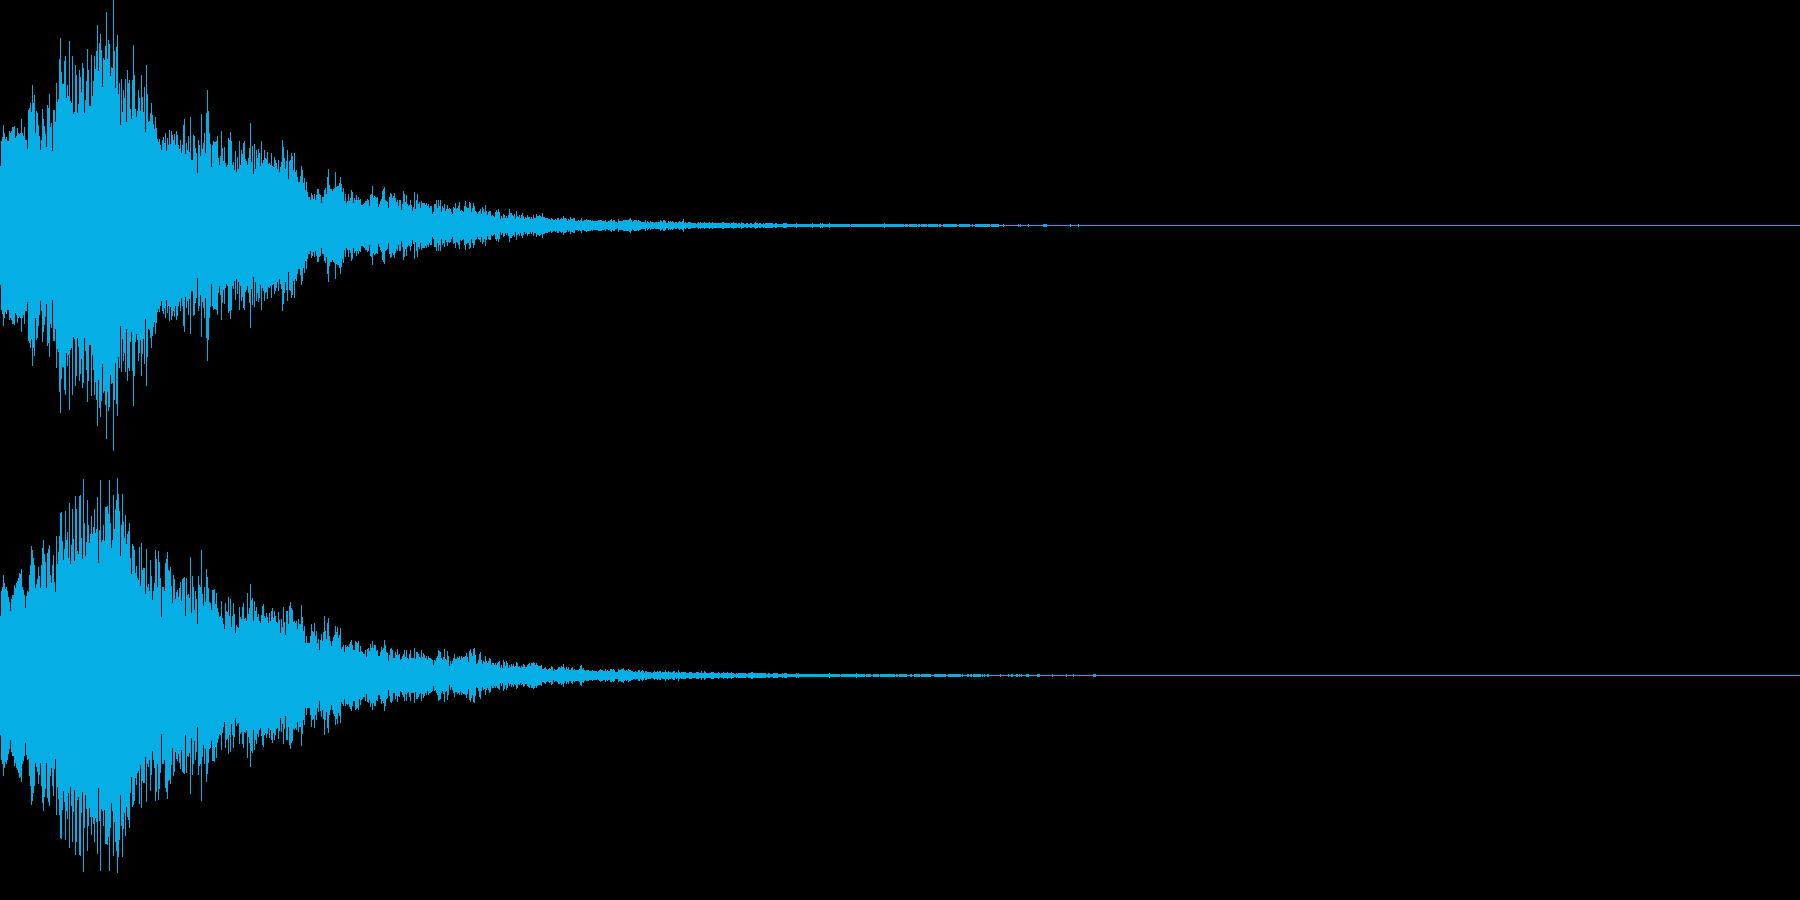 魔法音08_Aの再生済みの波形